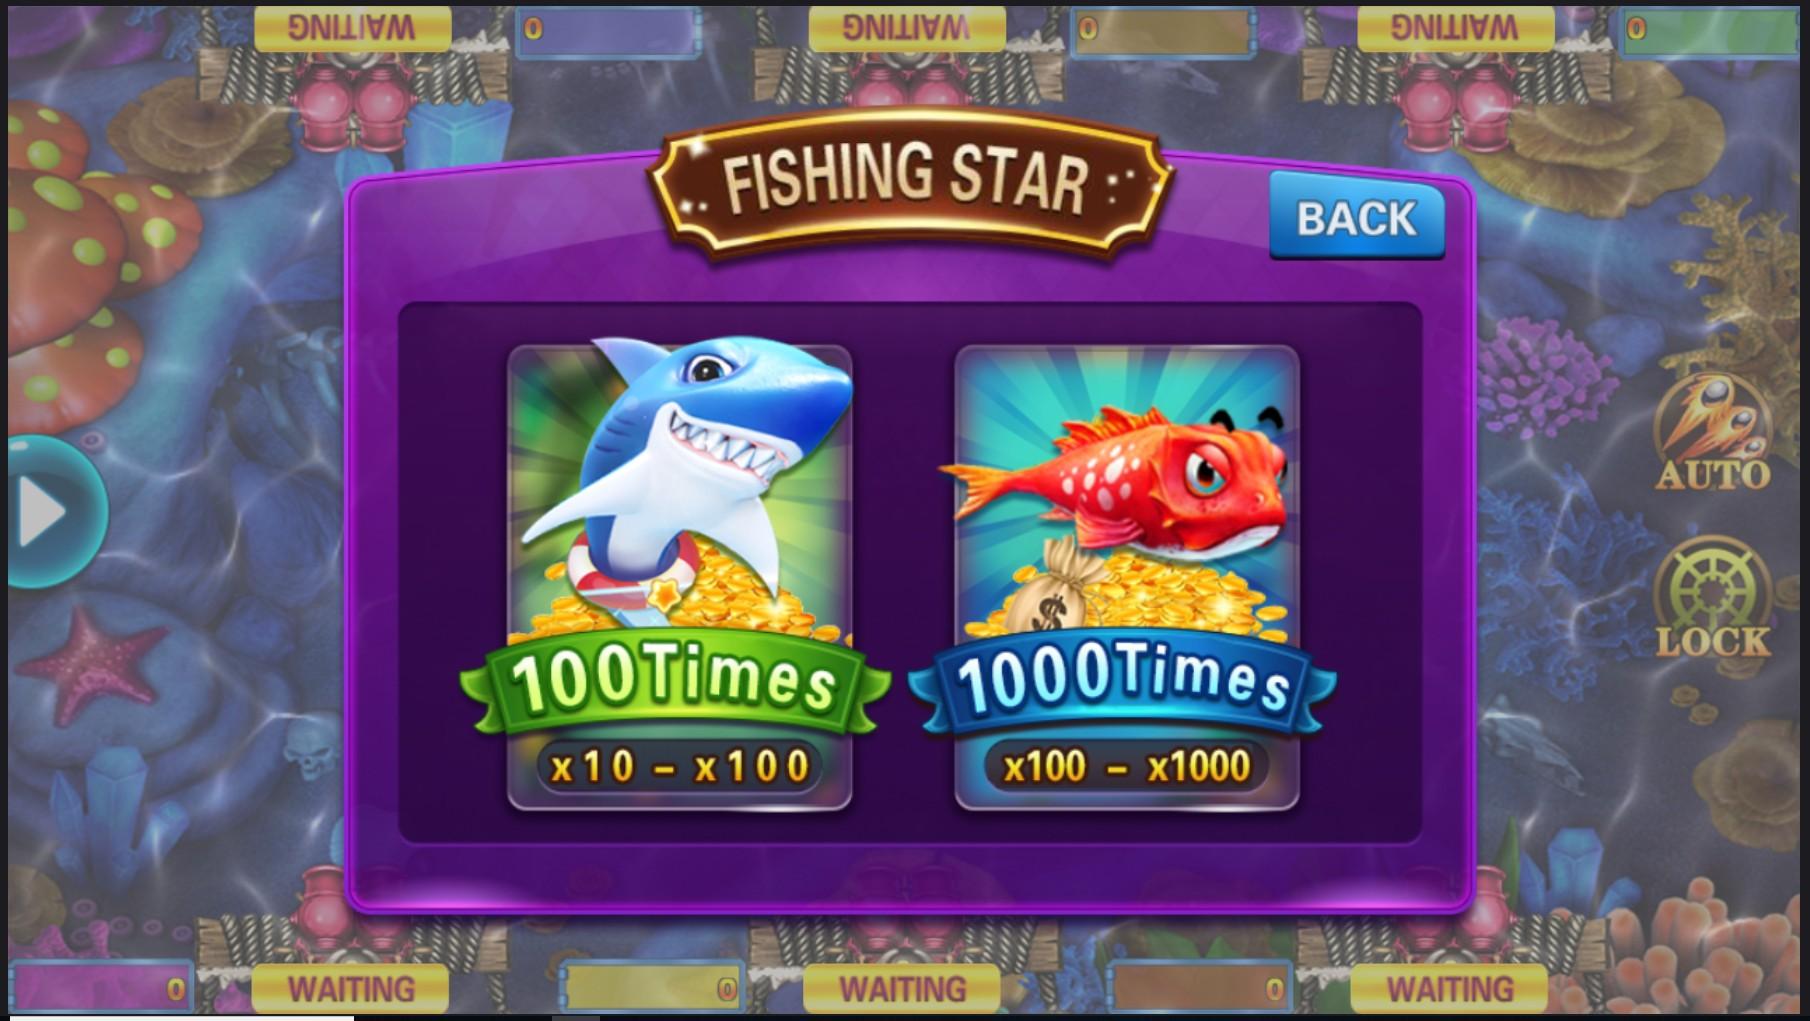 FISHING STAR